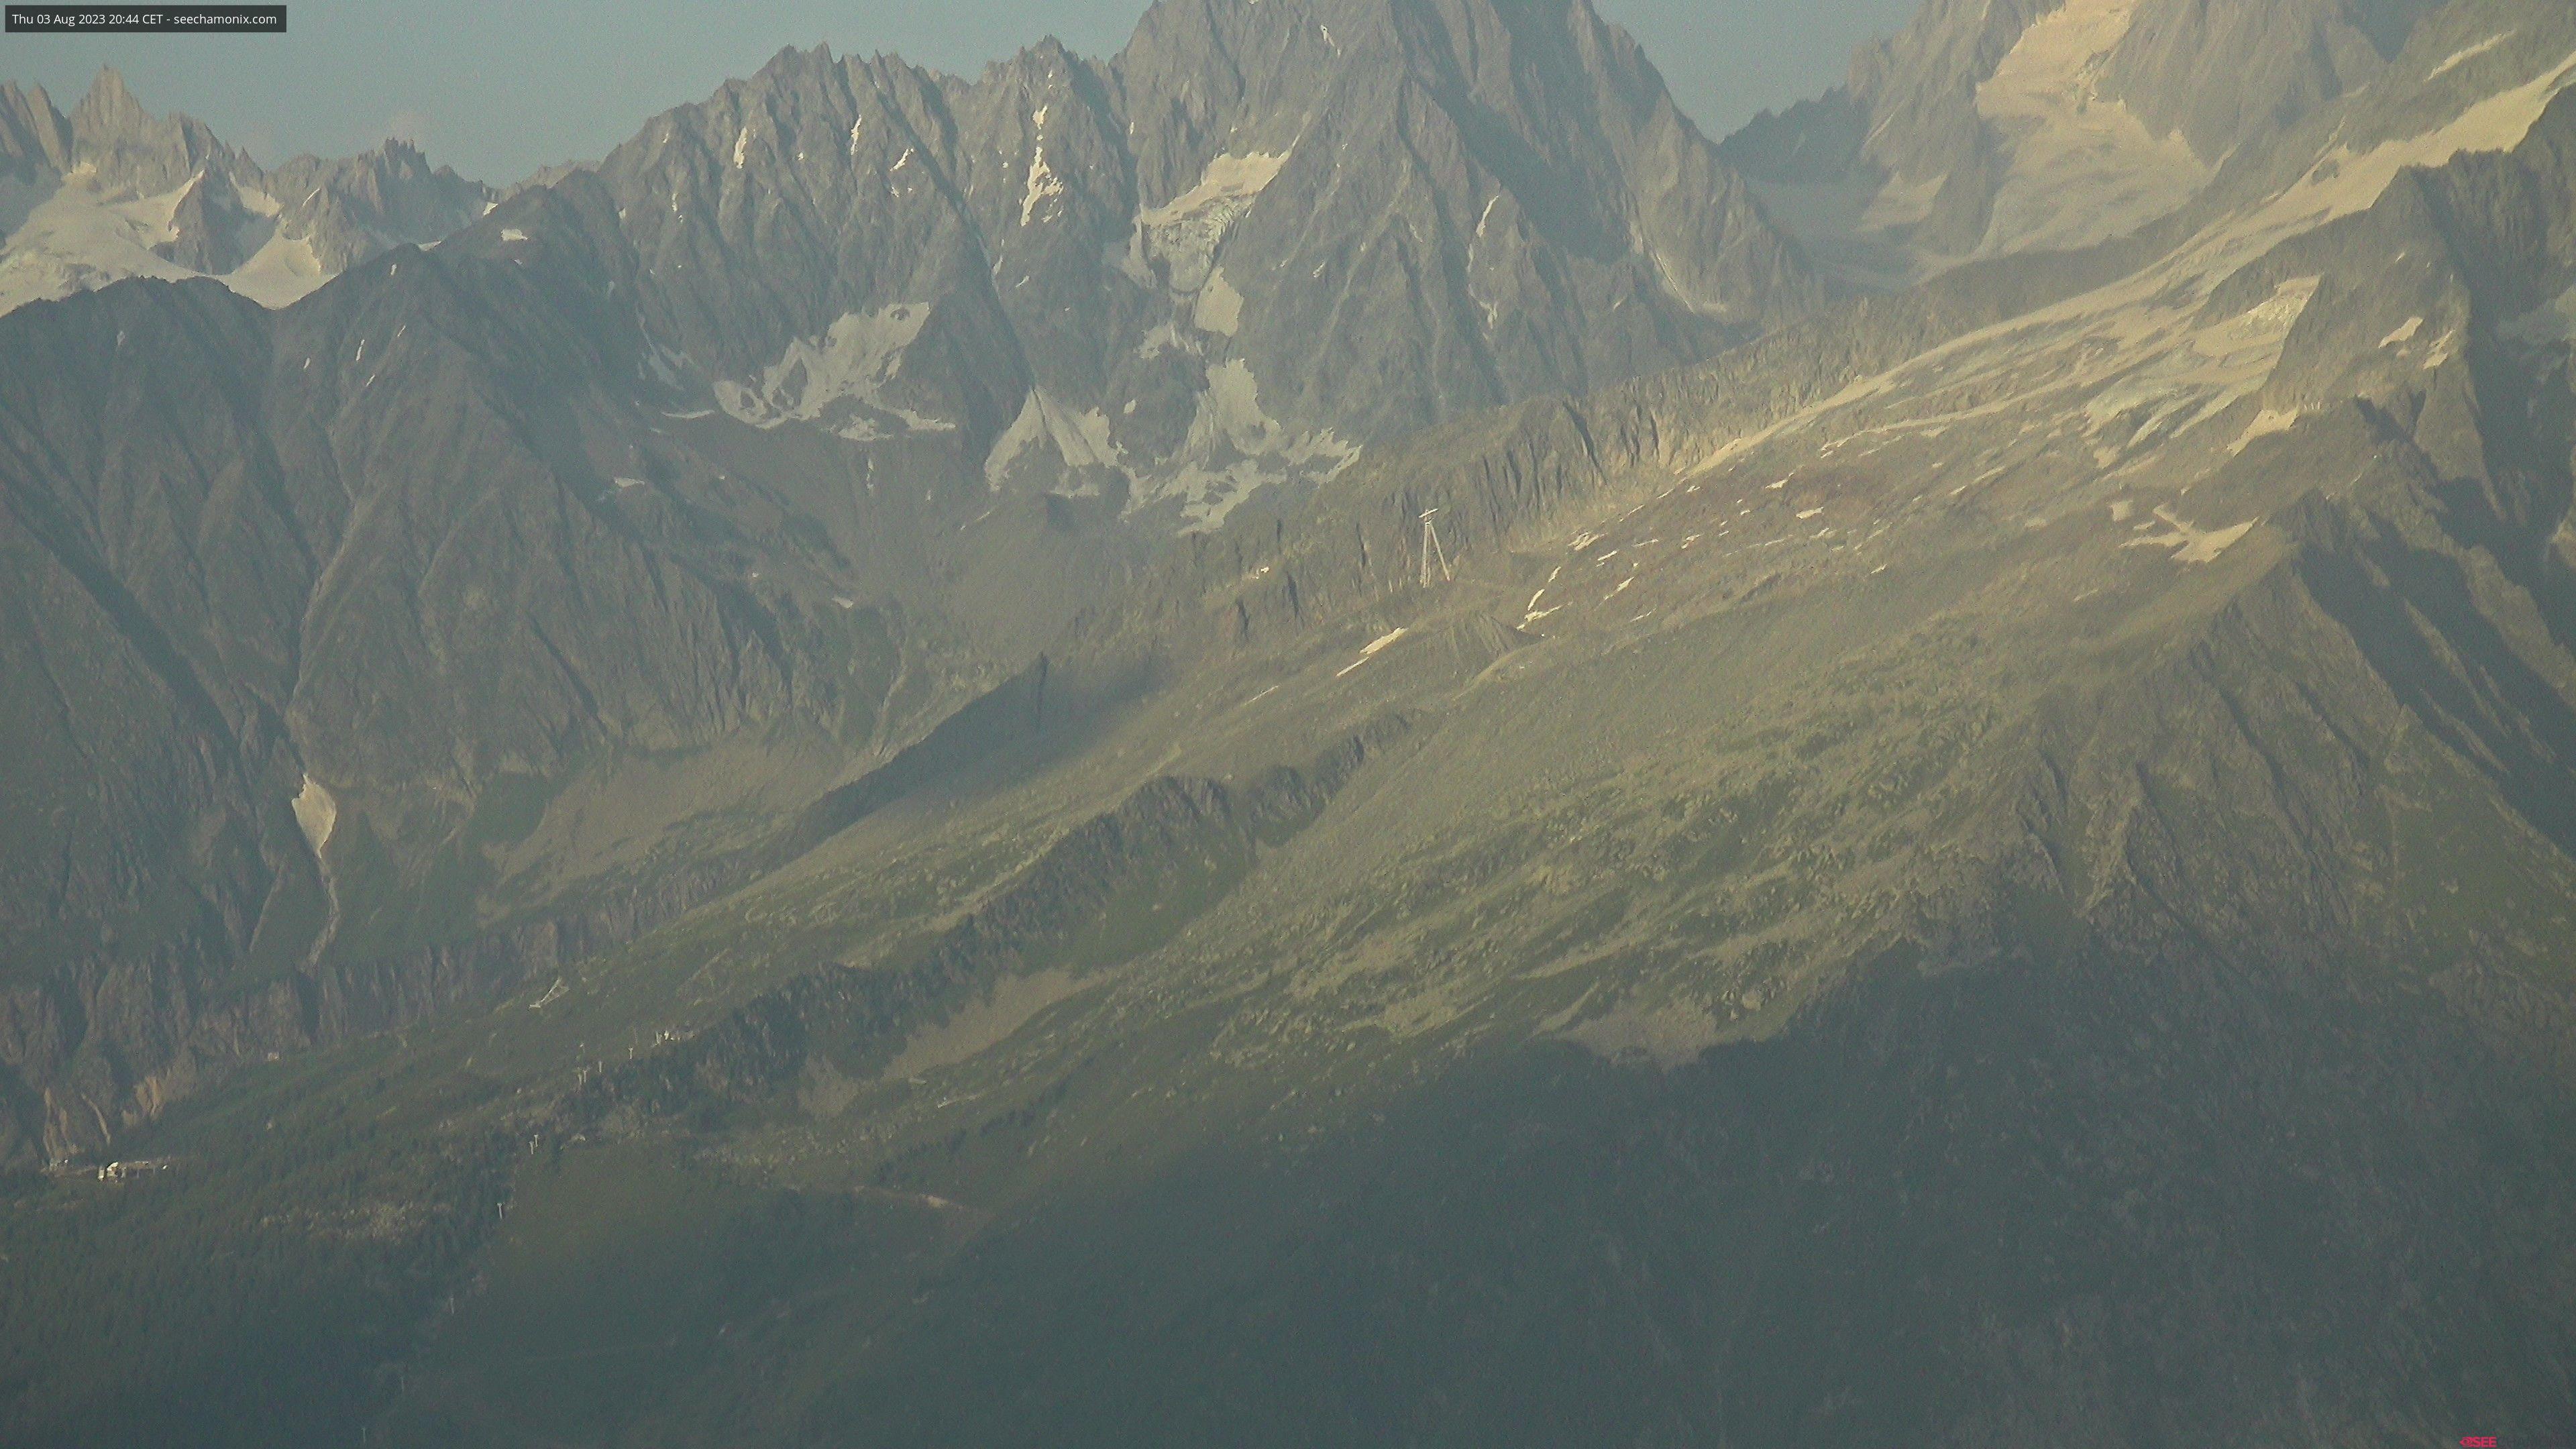 estaciones de esqui webcam: